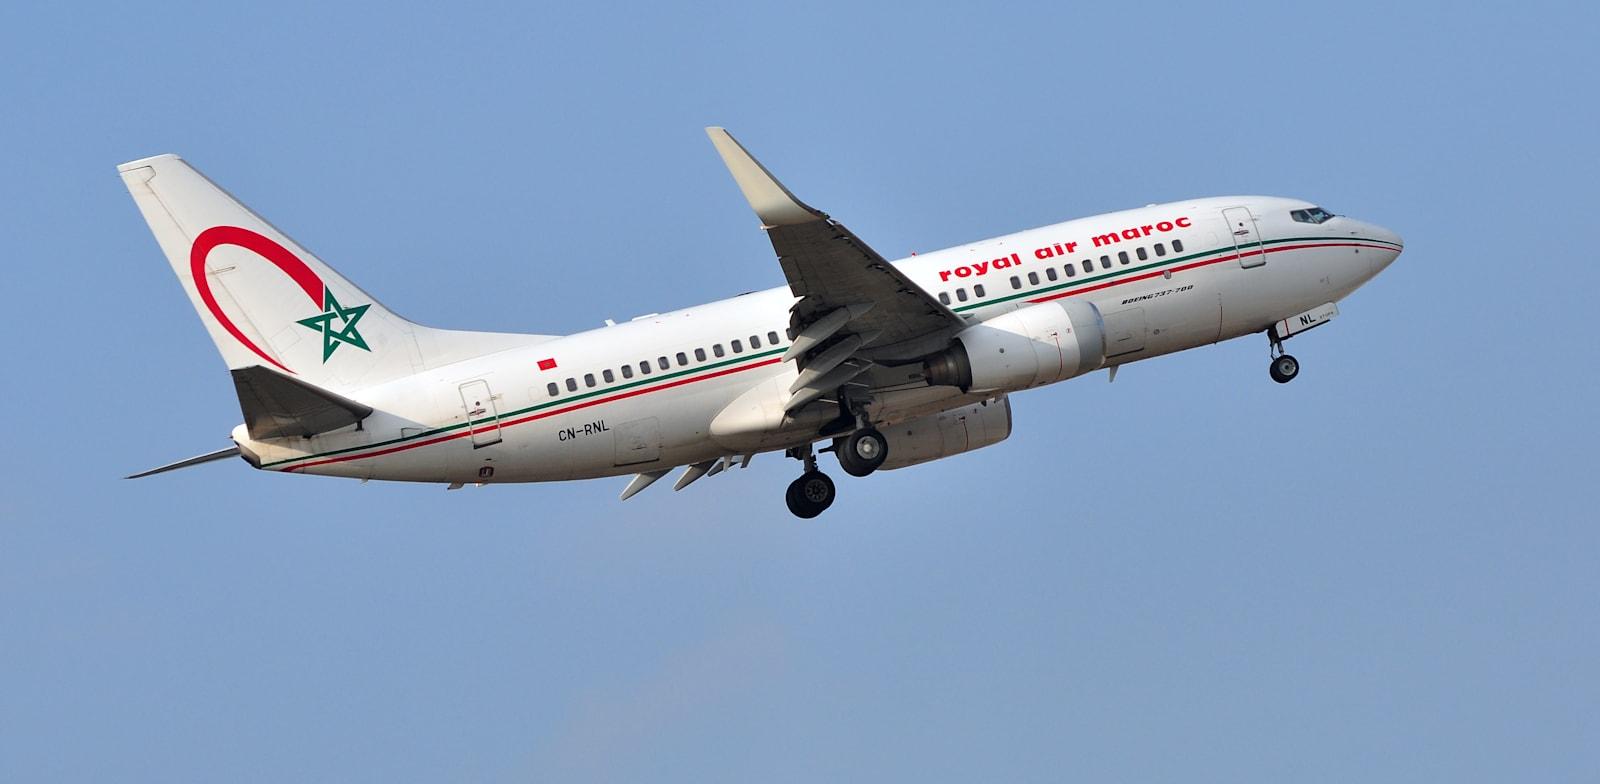 מטוס של רויאל אייר מרוק / צילום: Shutterstock, Vytautas Kielaitis